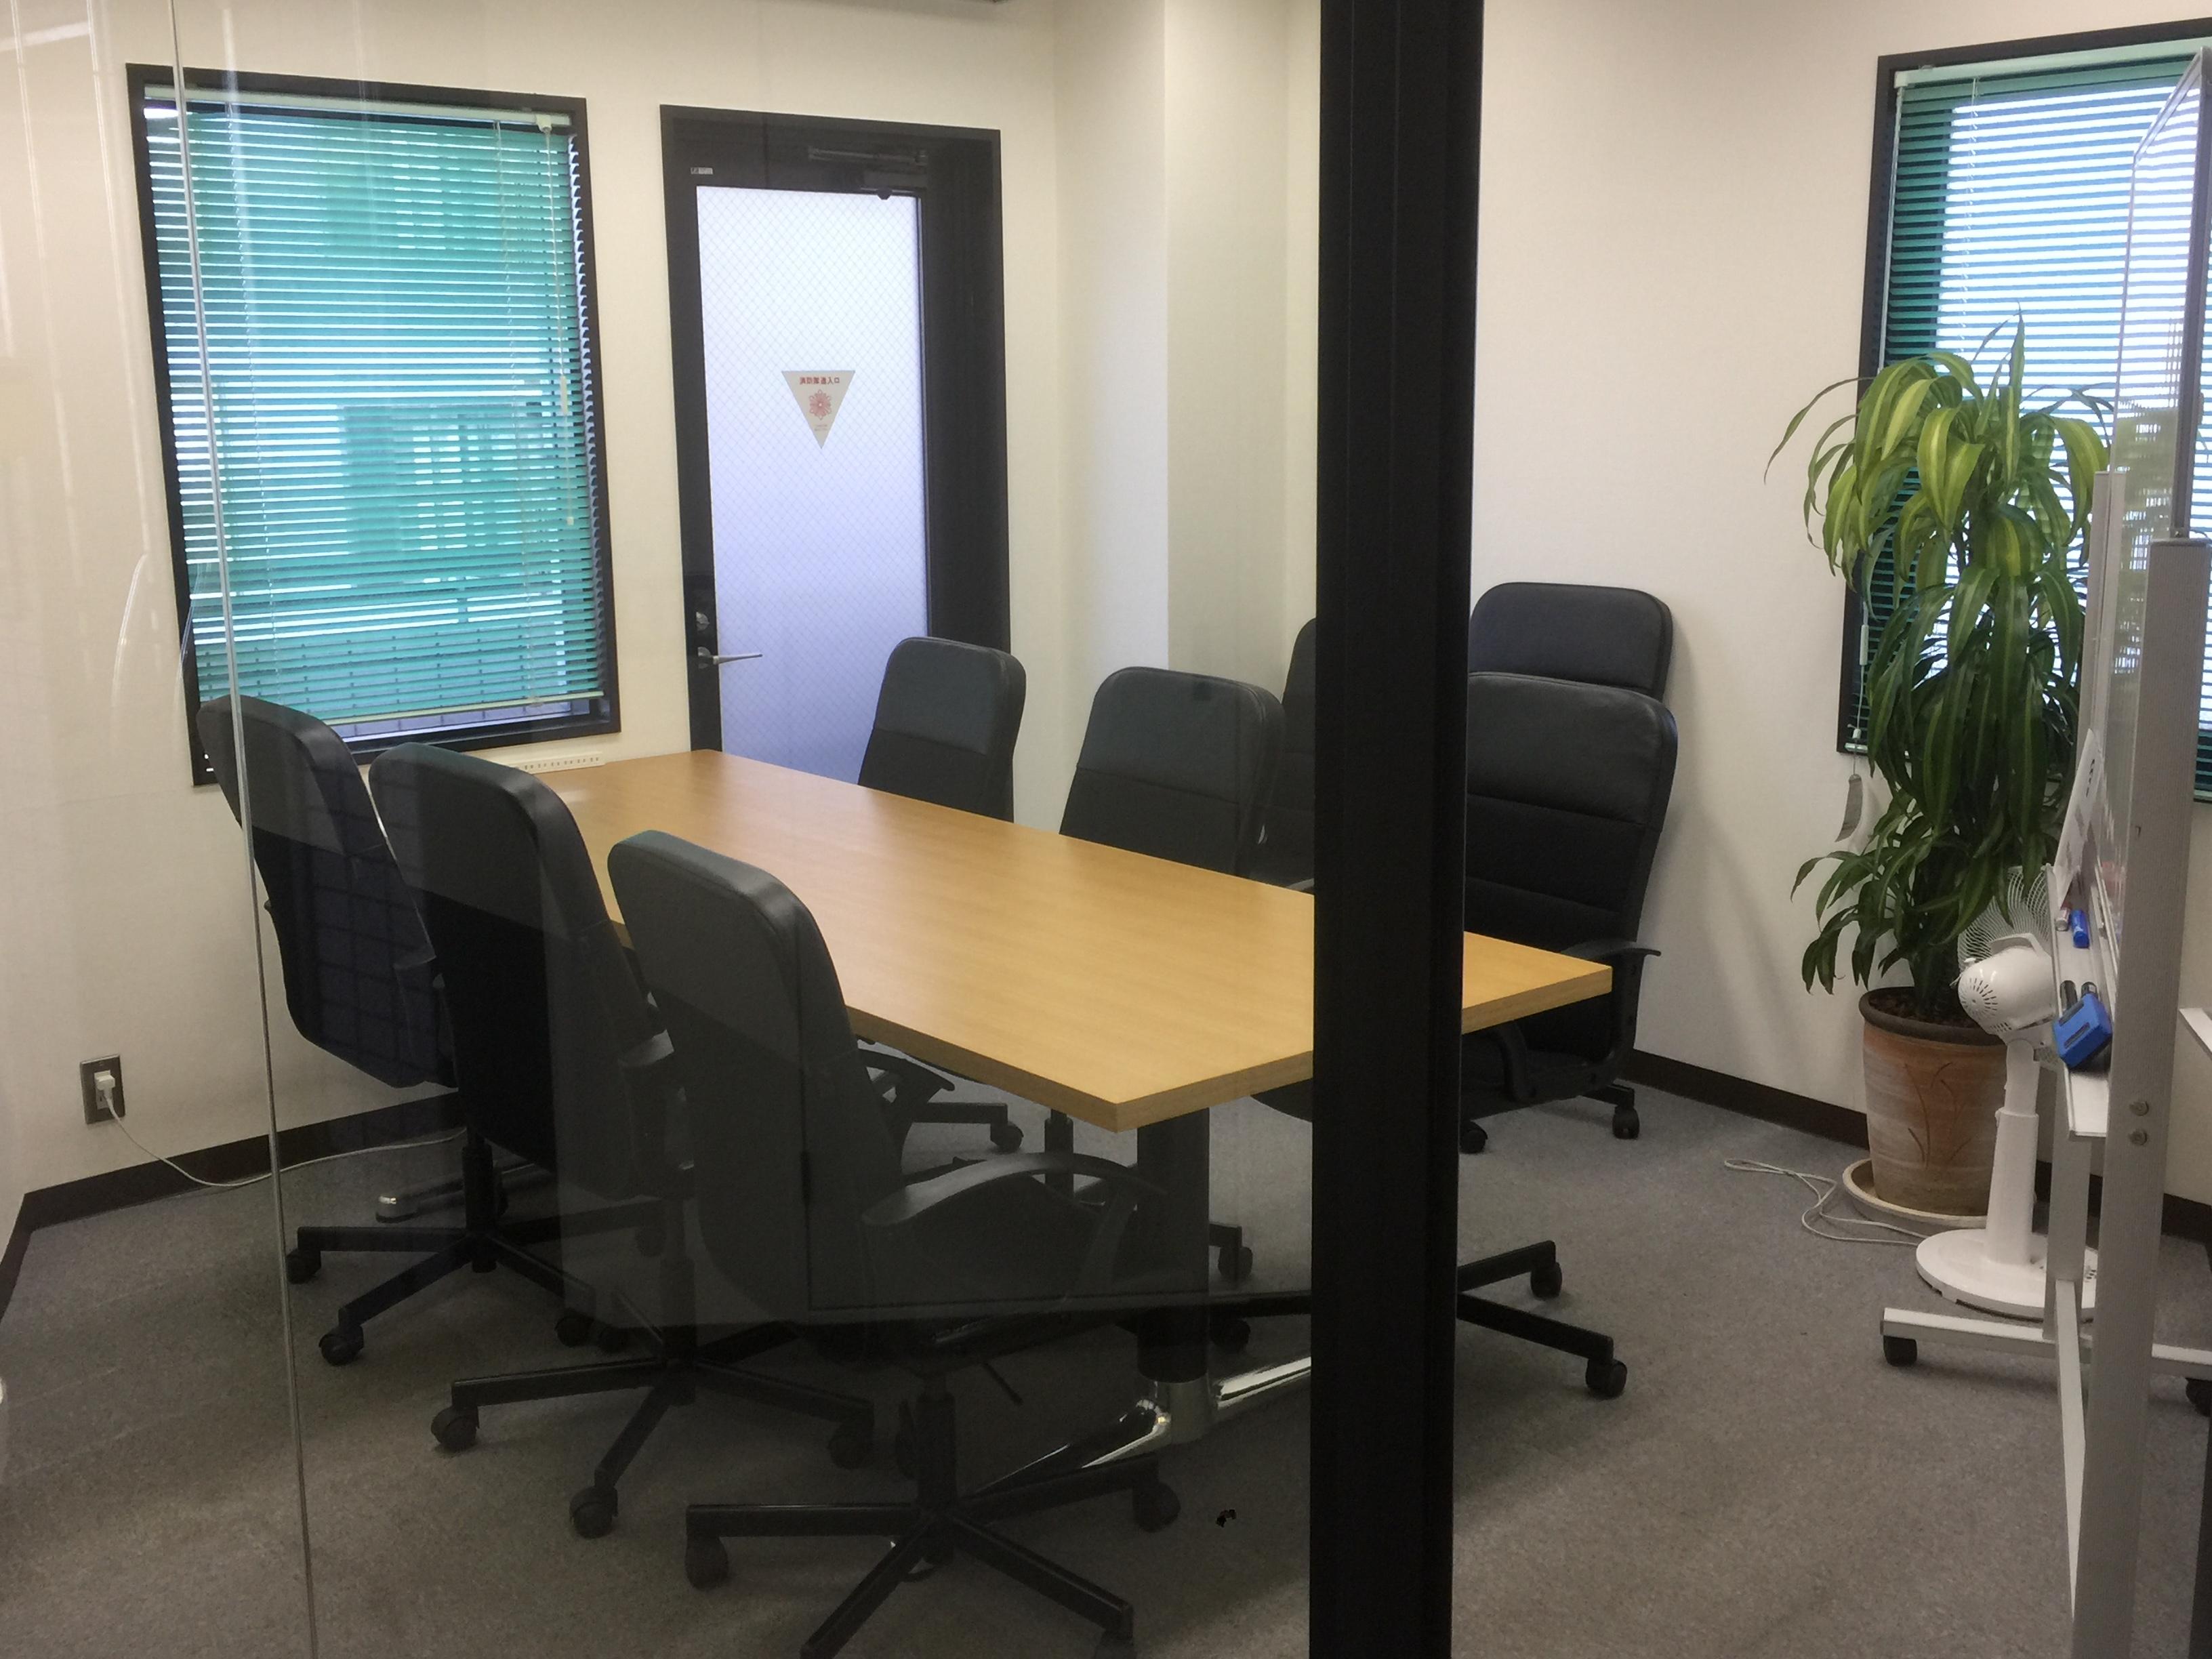 小貸し会議室